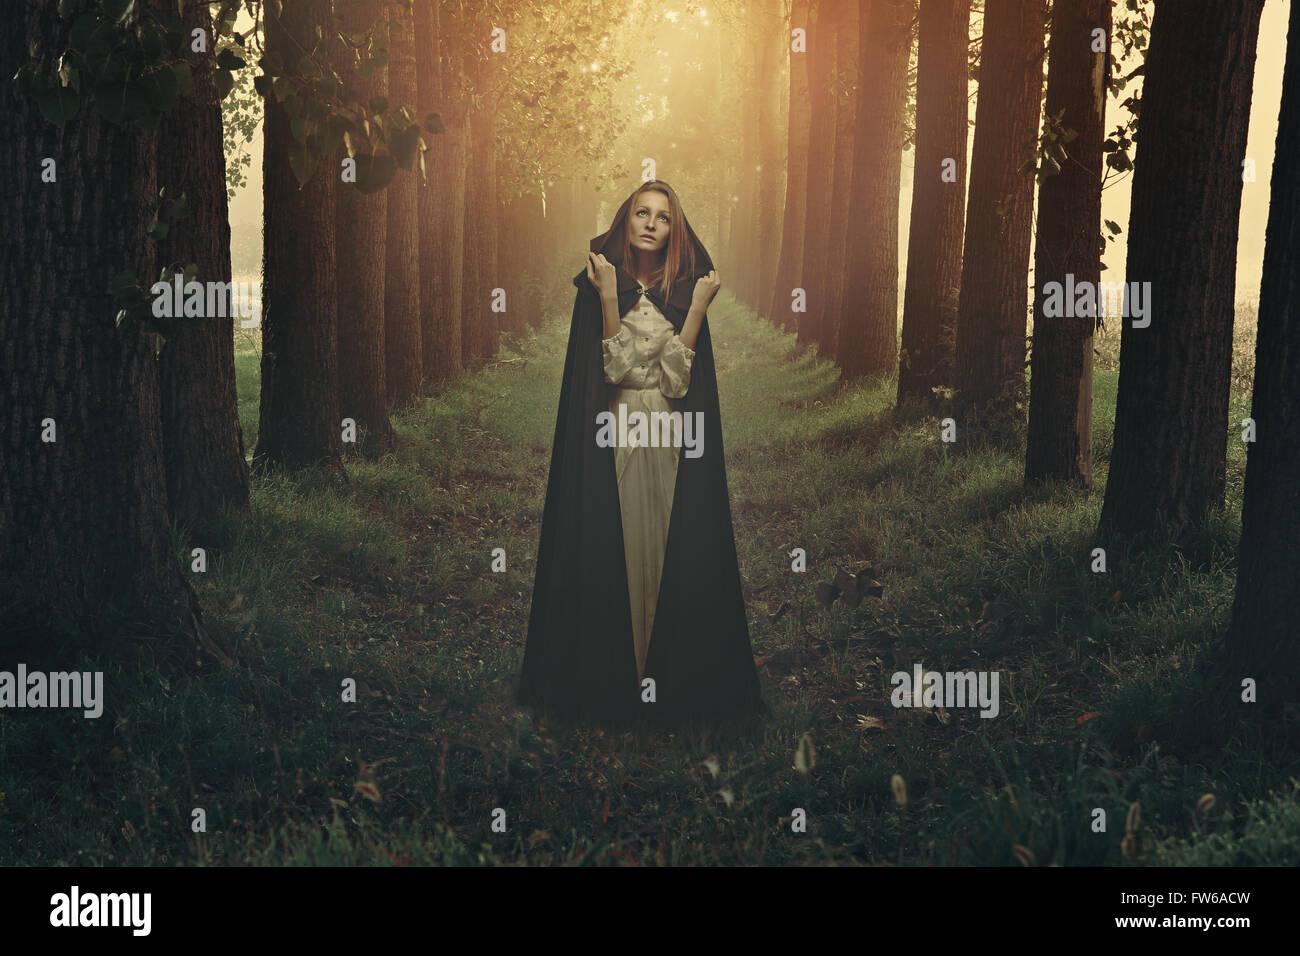 Schöne Frau mit schwarzen Robe in einem surrealen Wald Stockbild